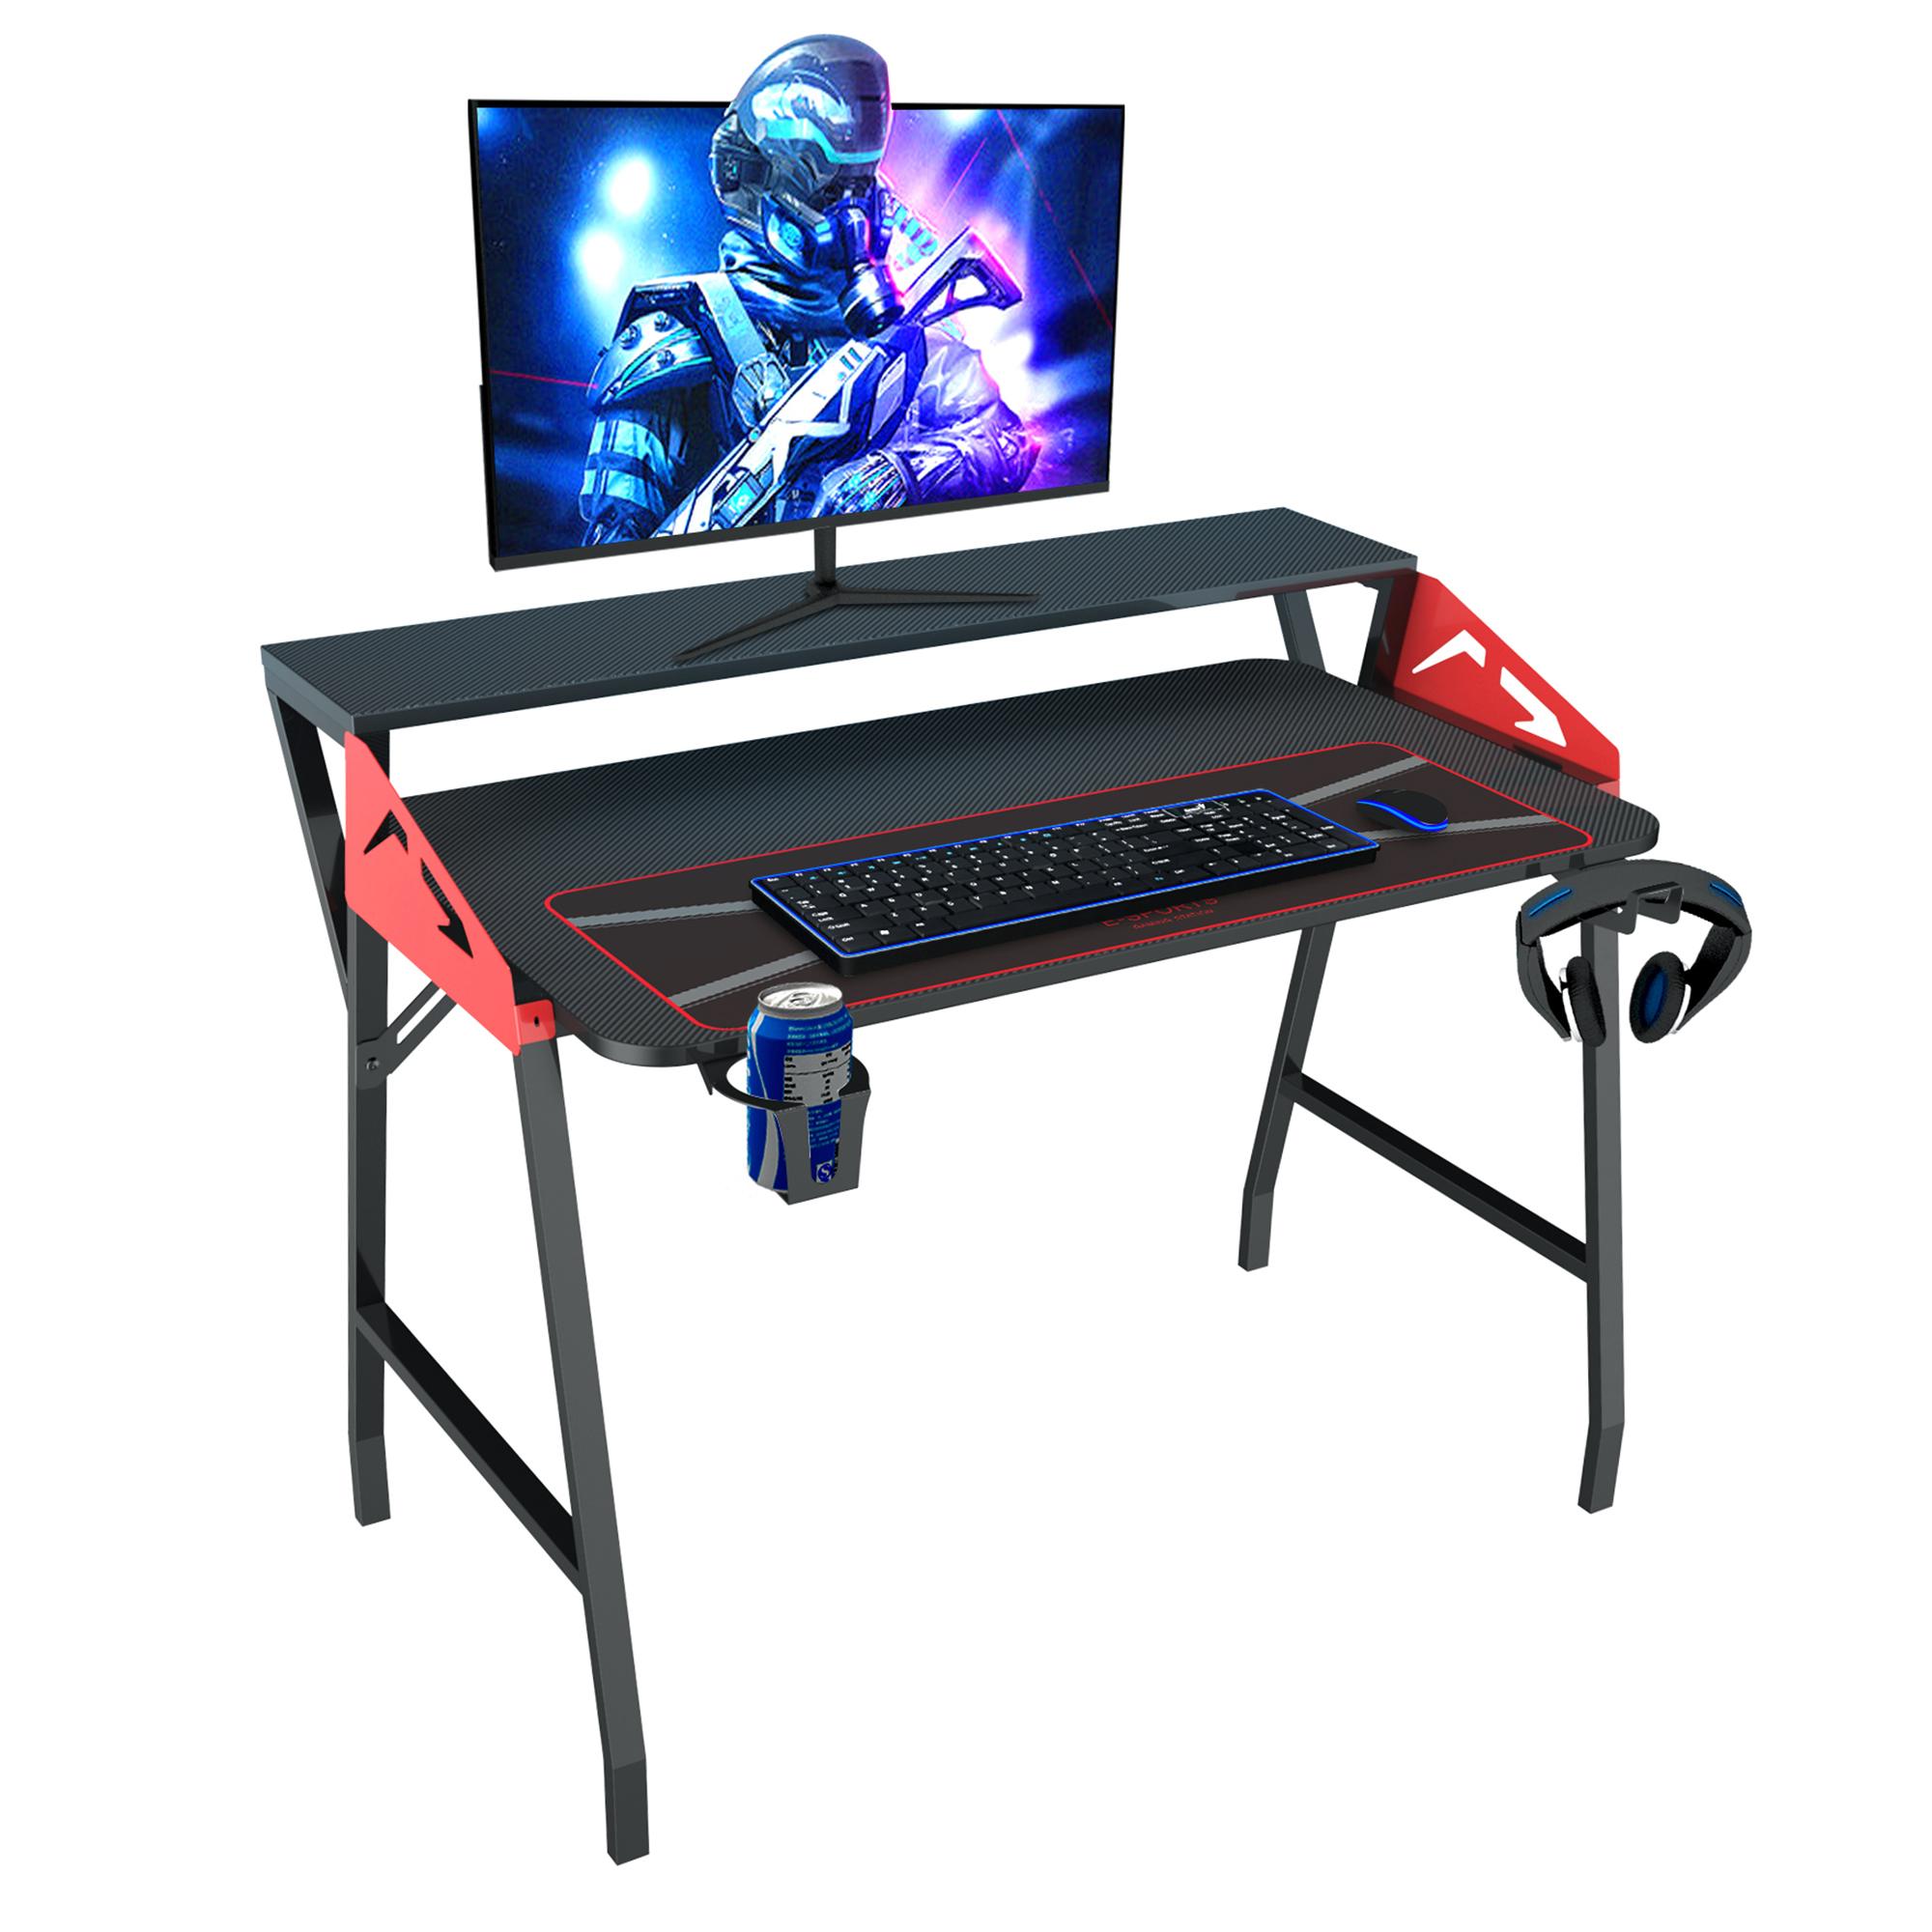 极简家用电竞桌,多功能,极易安装